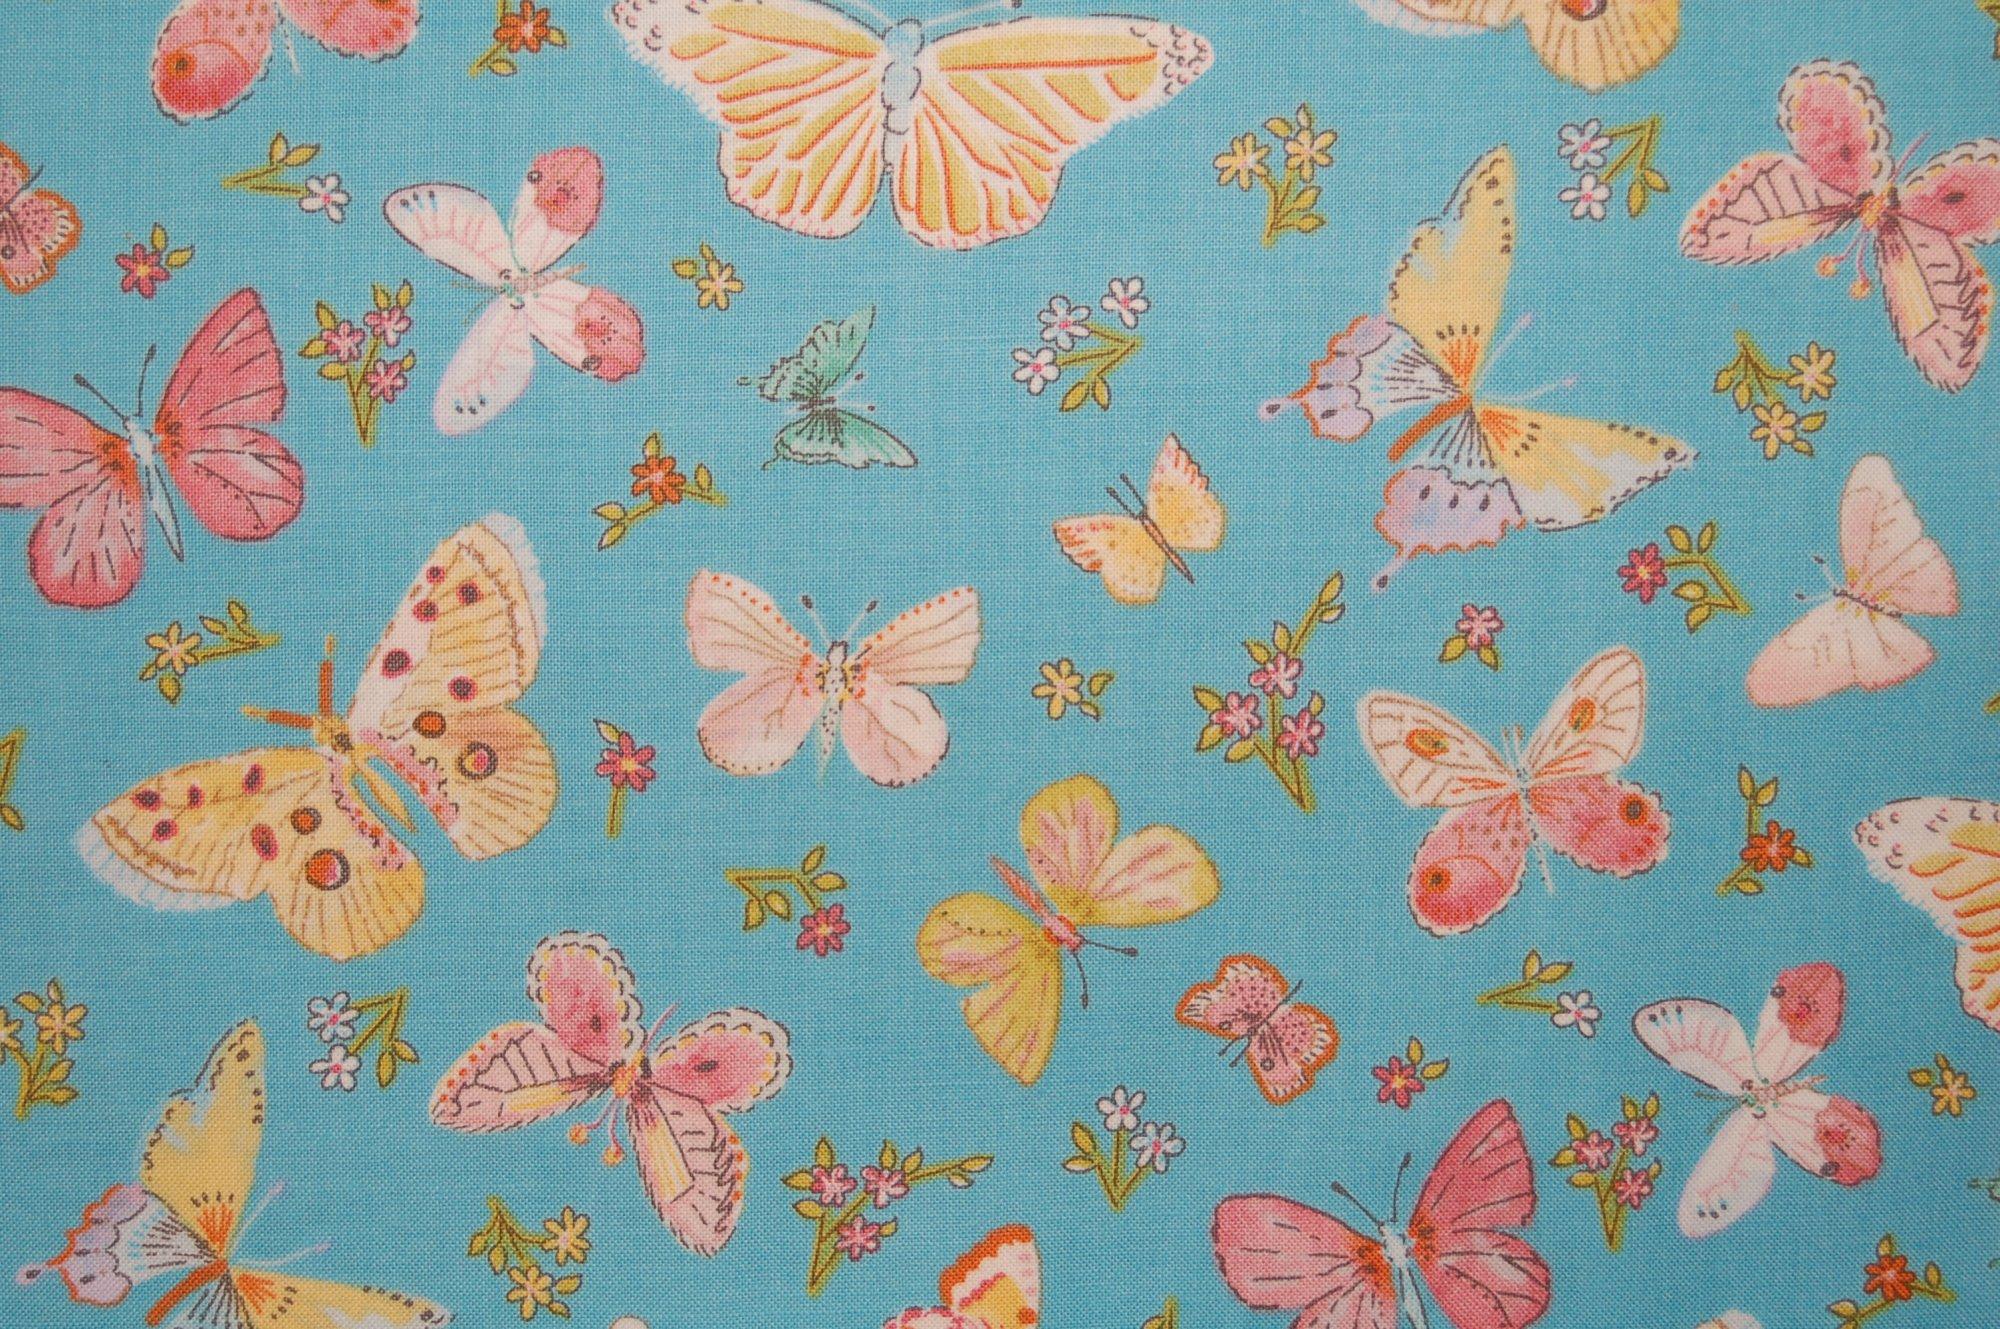 Butterfly Garden - Butterfly Toss from Dena Designs for Free Spirit